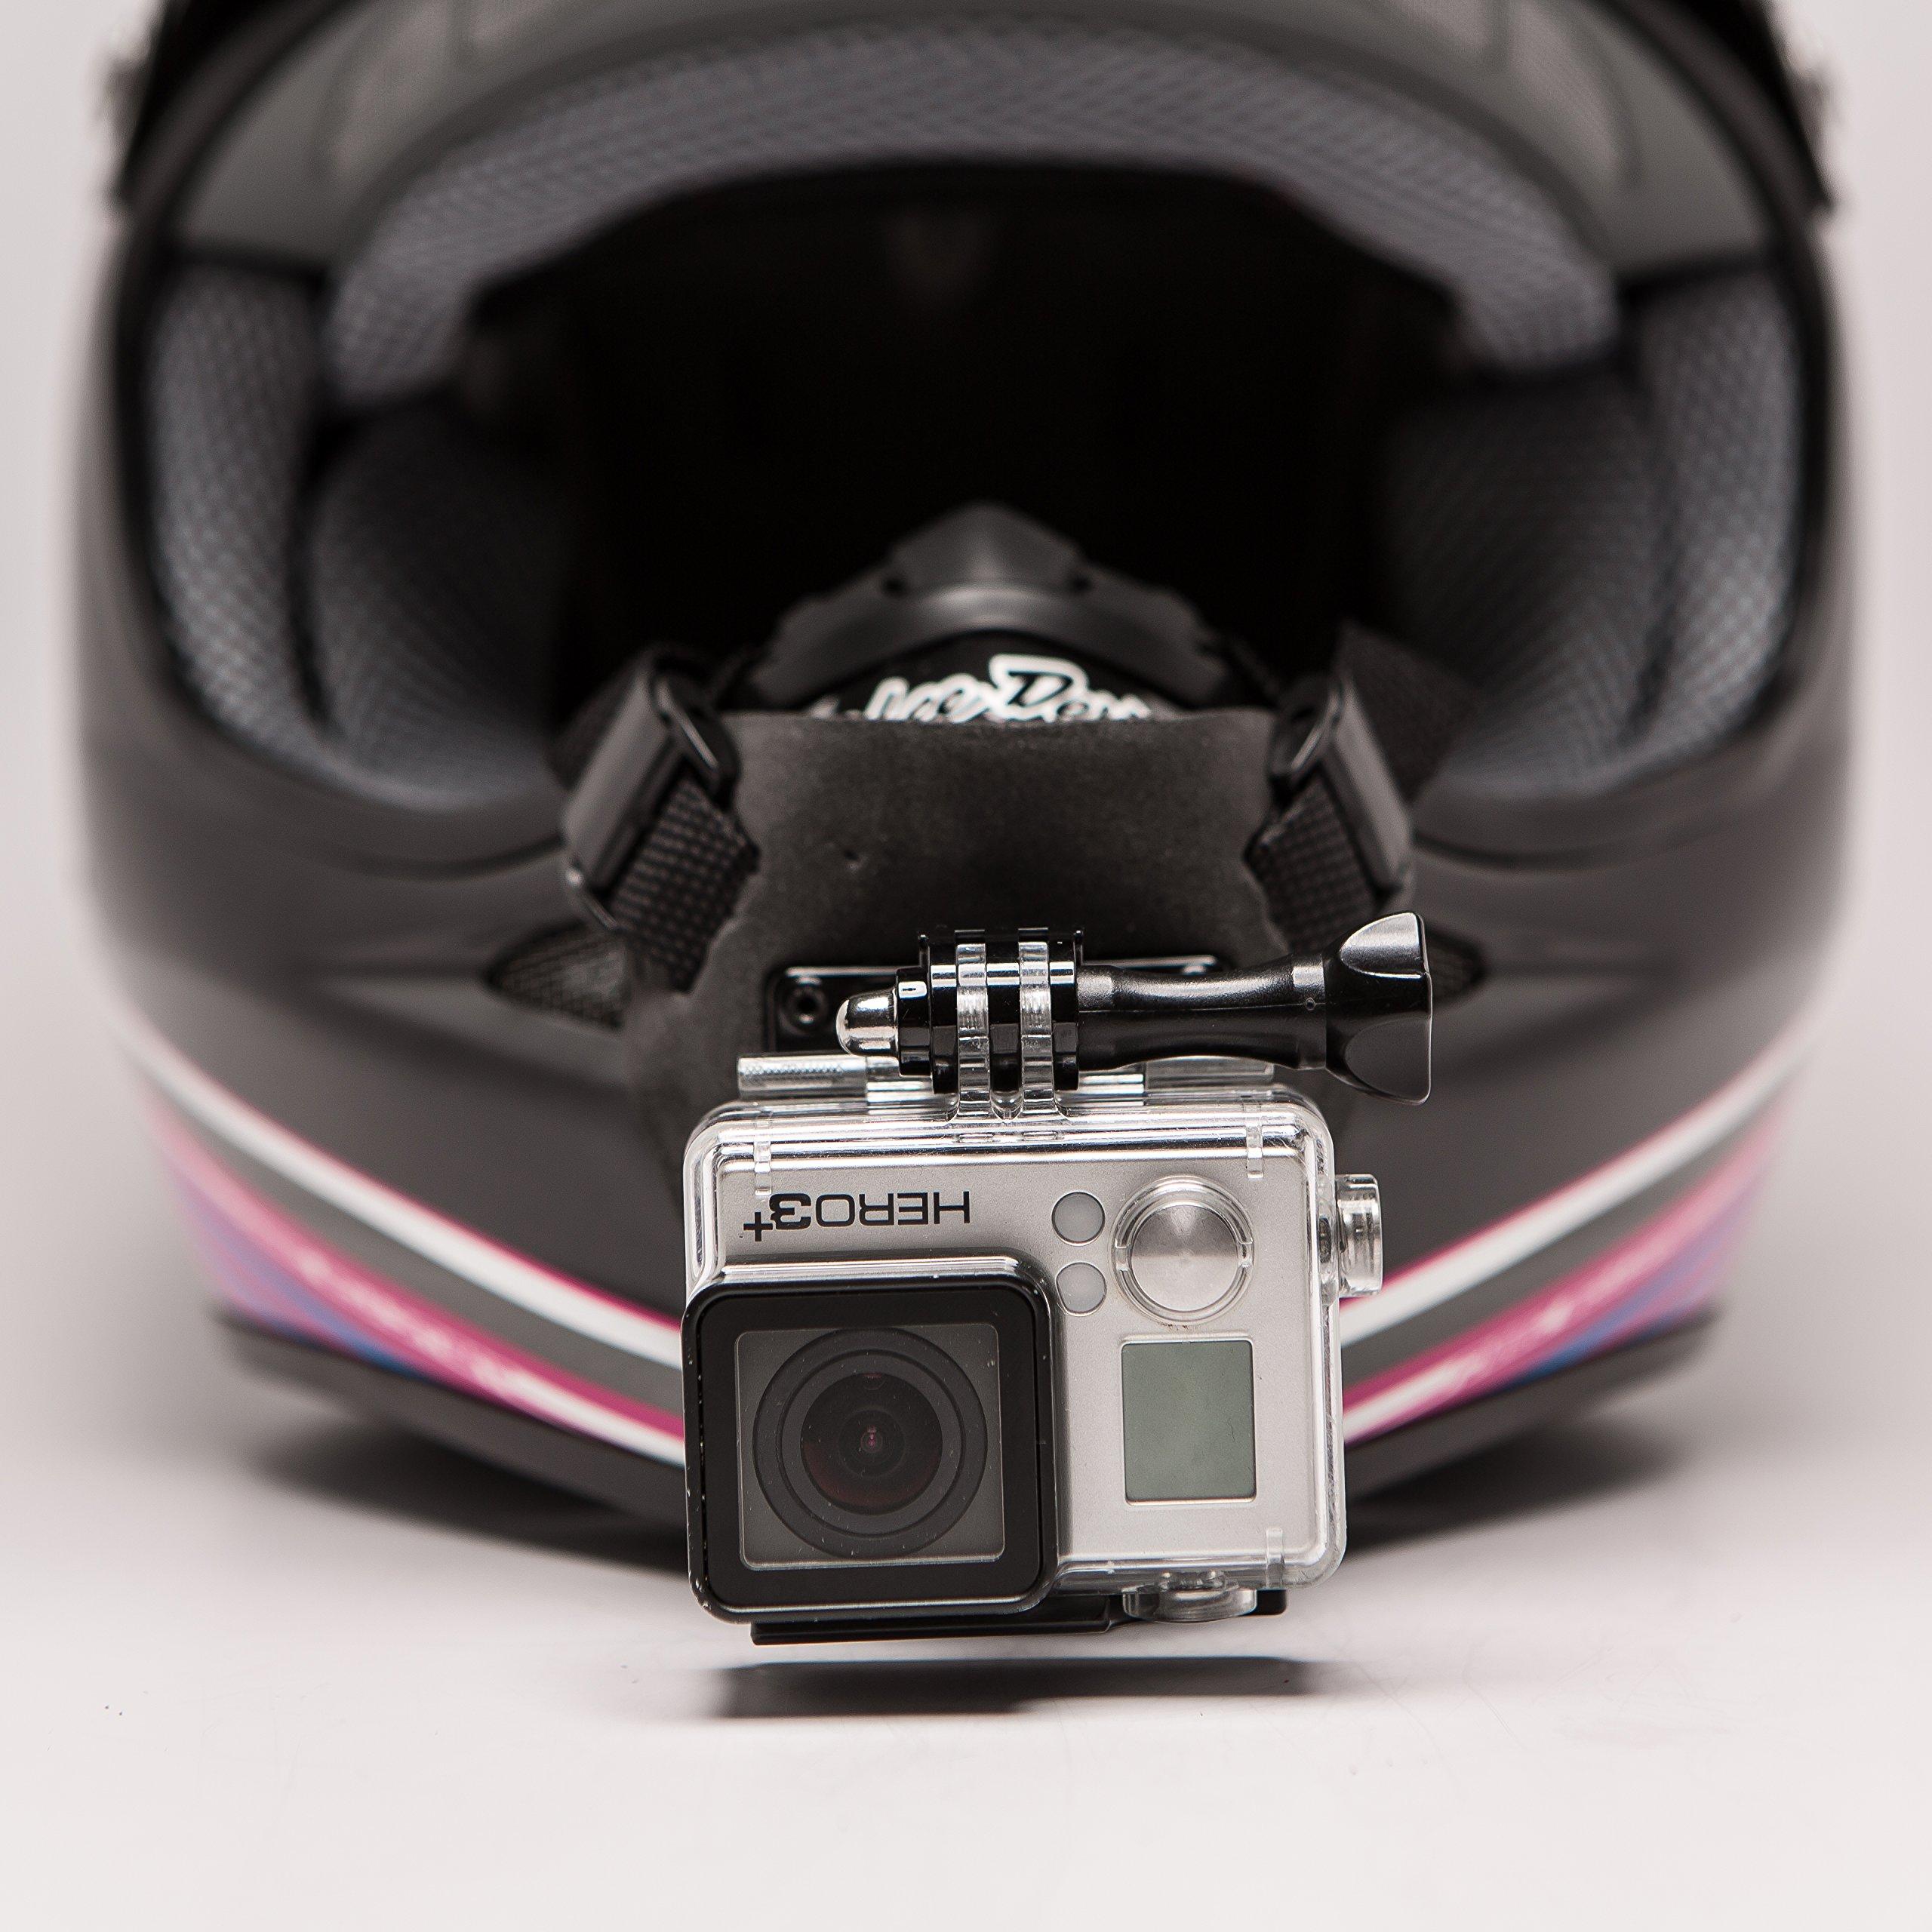 Full Face Helmet Chin Mount for GoPro